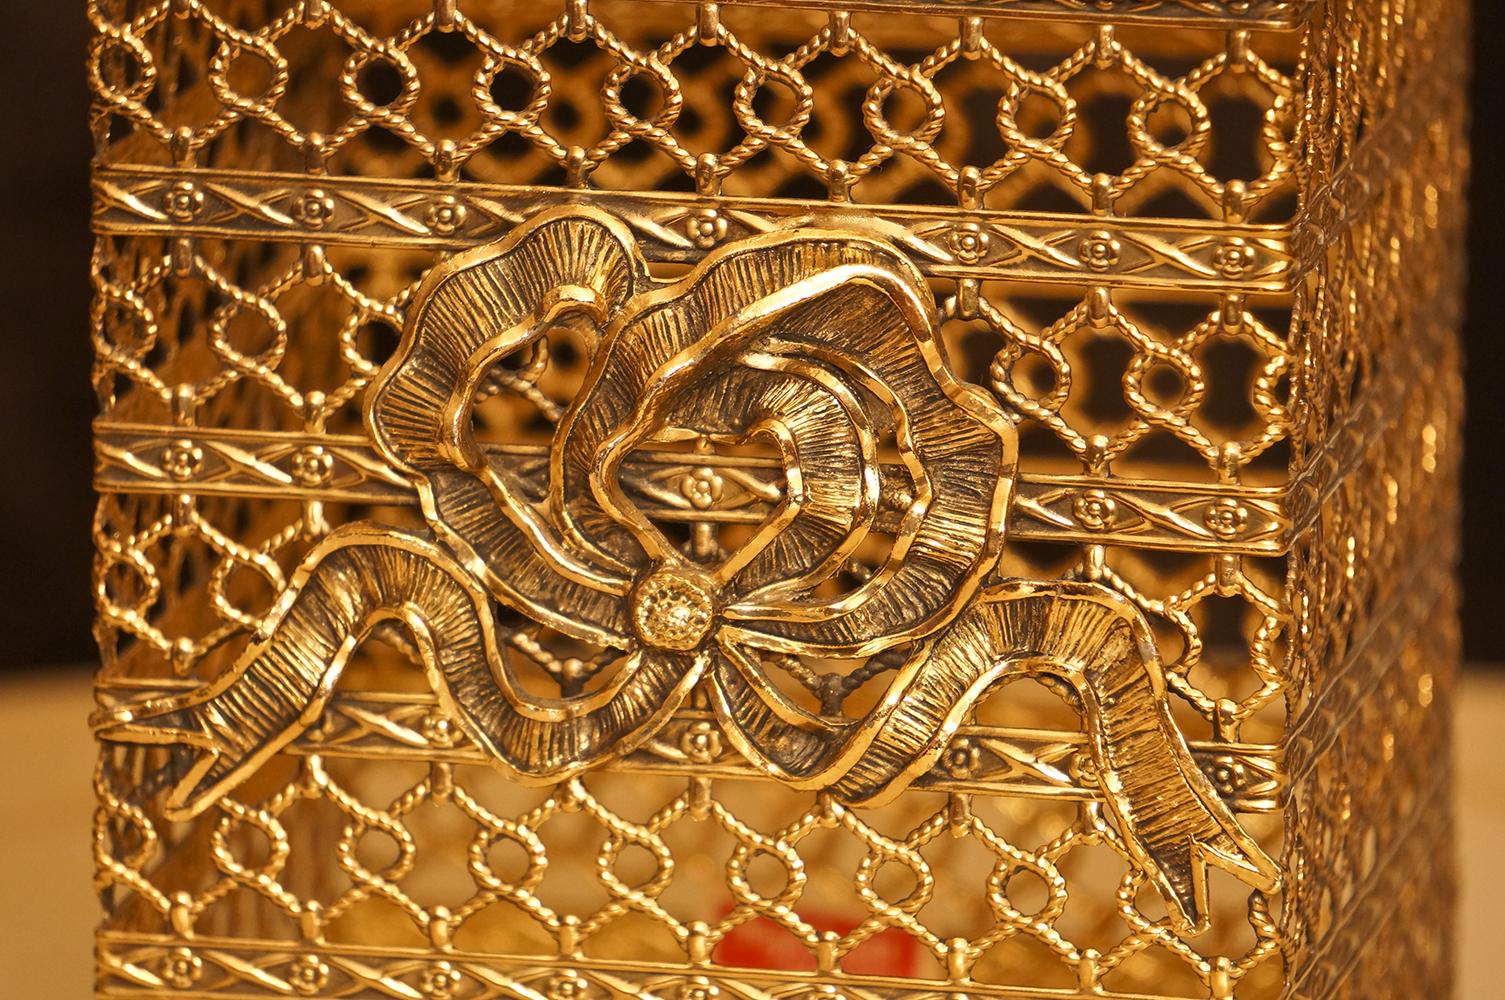 スタイルビルト製 ゴールド リボン 正方形ティッシュボックス 拡大